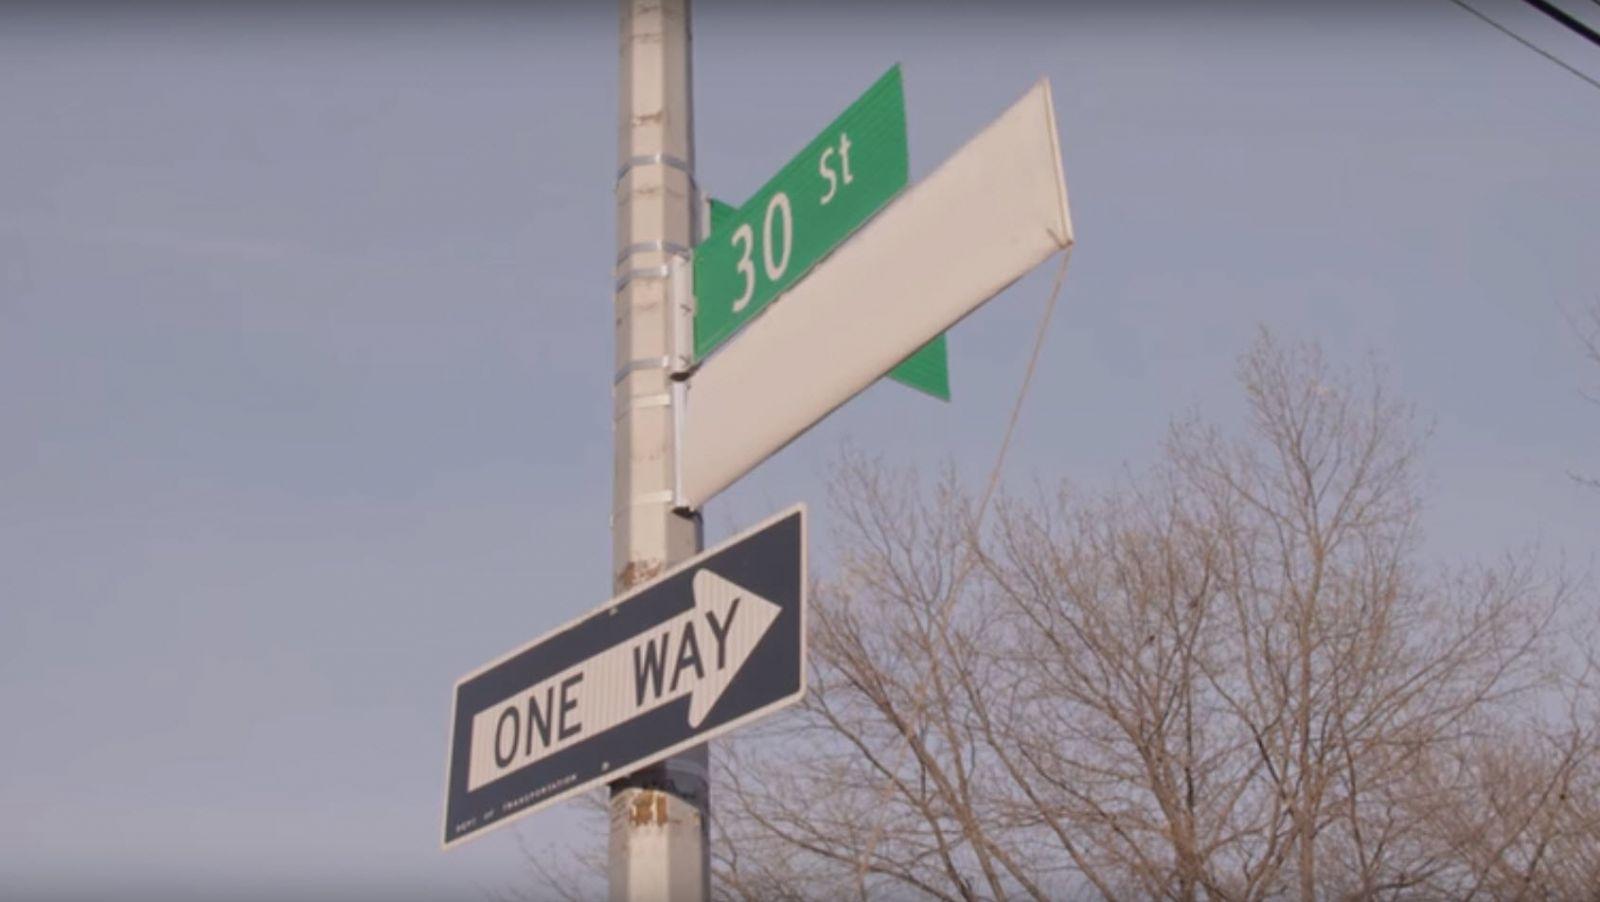 Σήμανση οδού στα ελληνικά στη Νέα Υόρκη - Δείτε βίντεο+φωτο